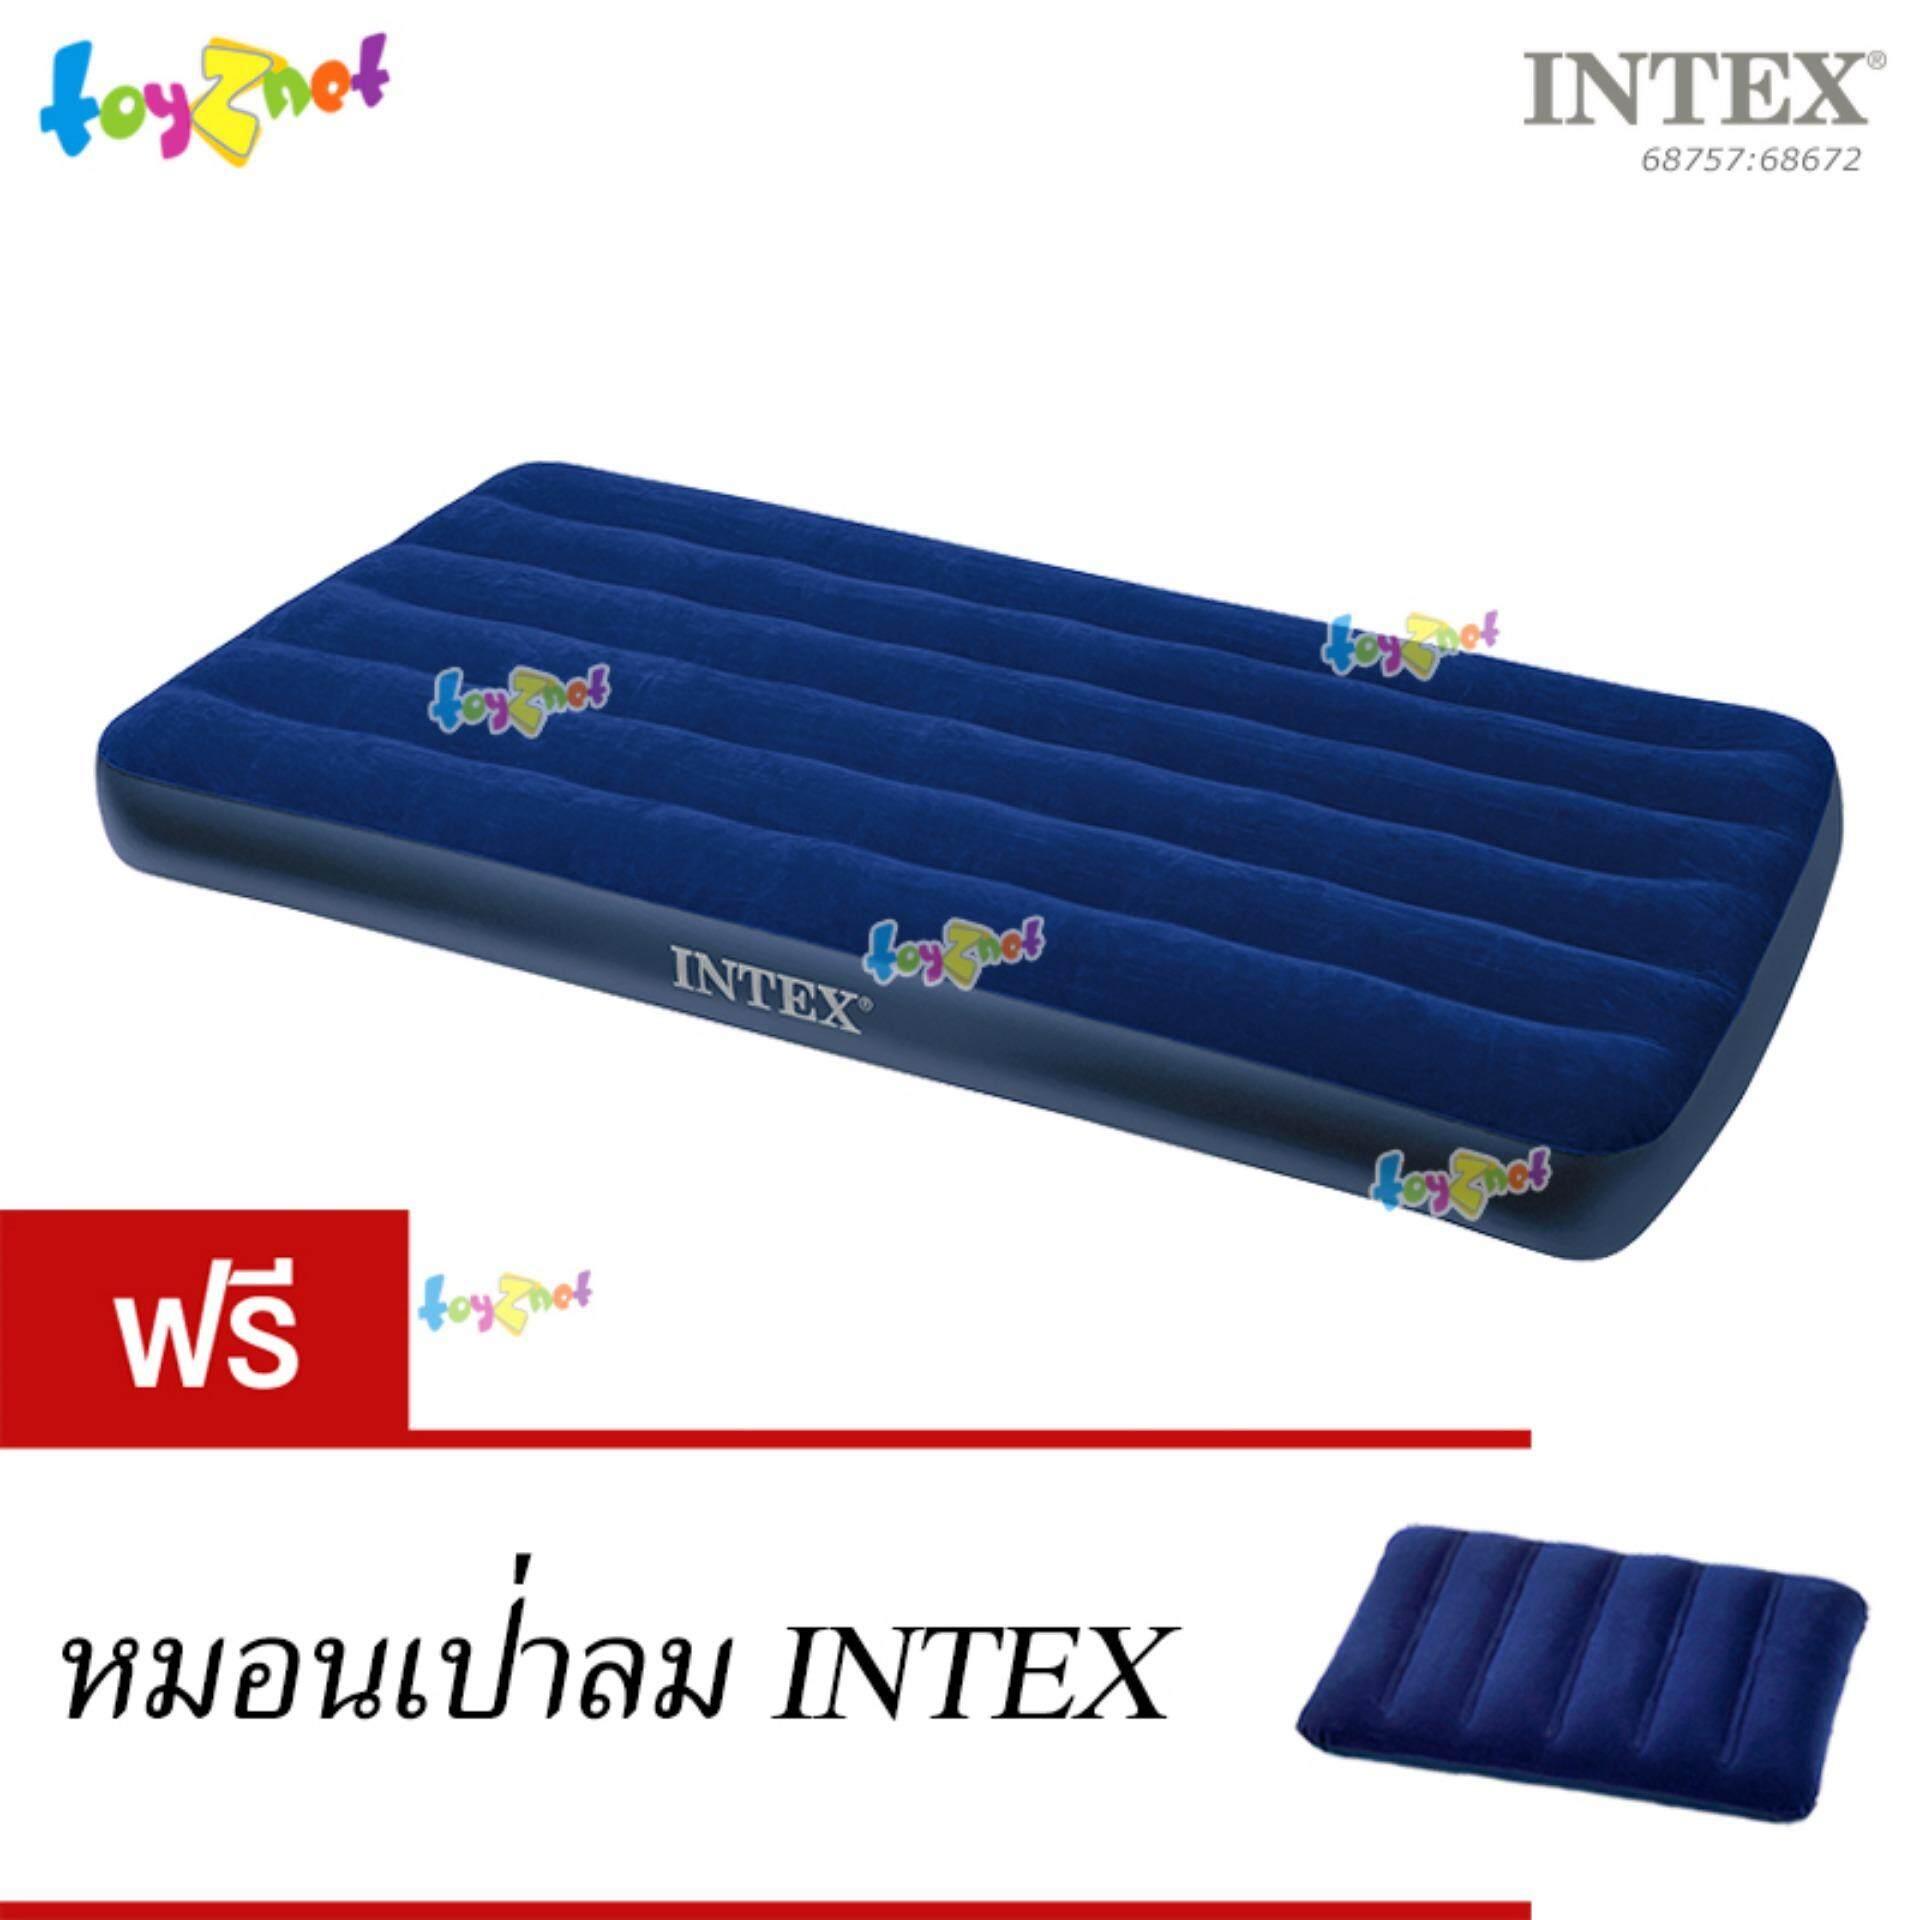 ขาย Intex ที่นอนเป่าลม แค้มป์ แคมป์ปิ้ง ปิคนิค 3 5 ฟุต ทวิน 99X191X22 ซม สีน้ำเงิน รุ่น 68757 ฟรี หมอนเป่าลม Intex กรุงเทพมหานคร